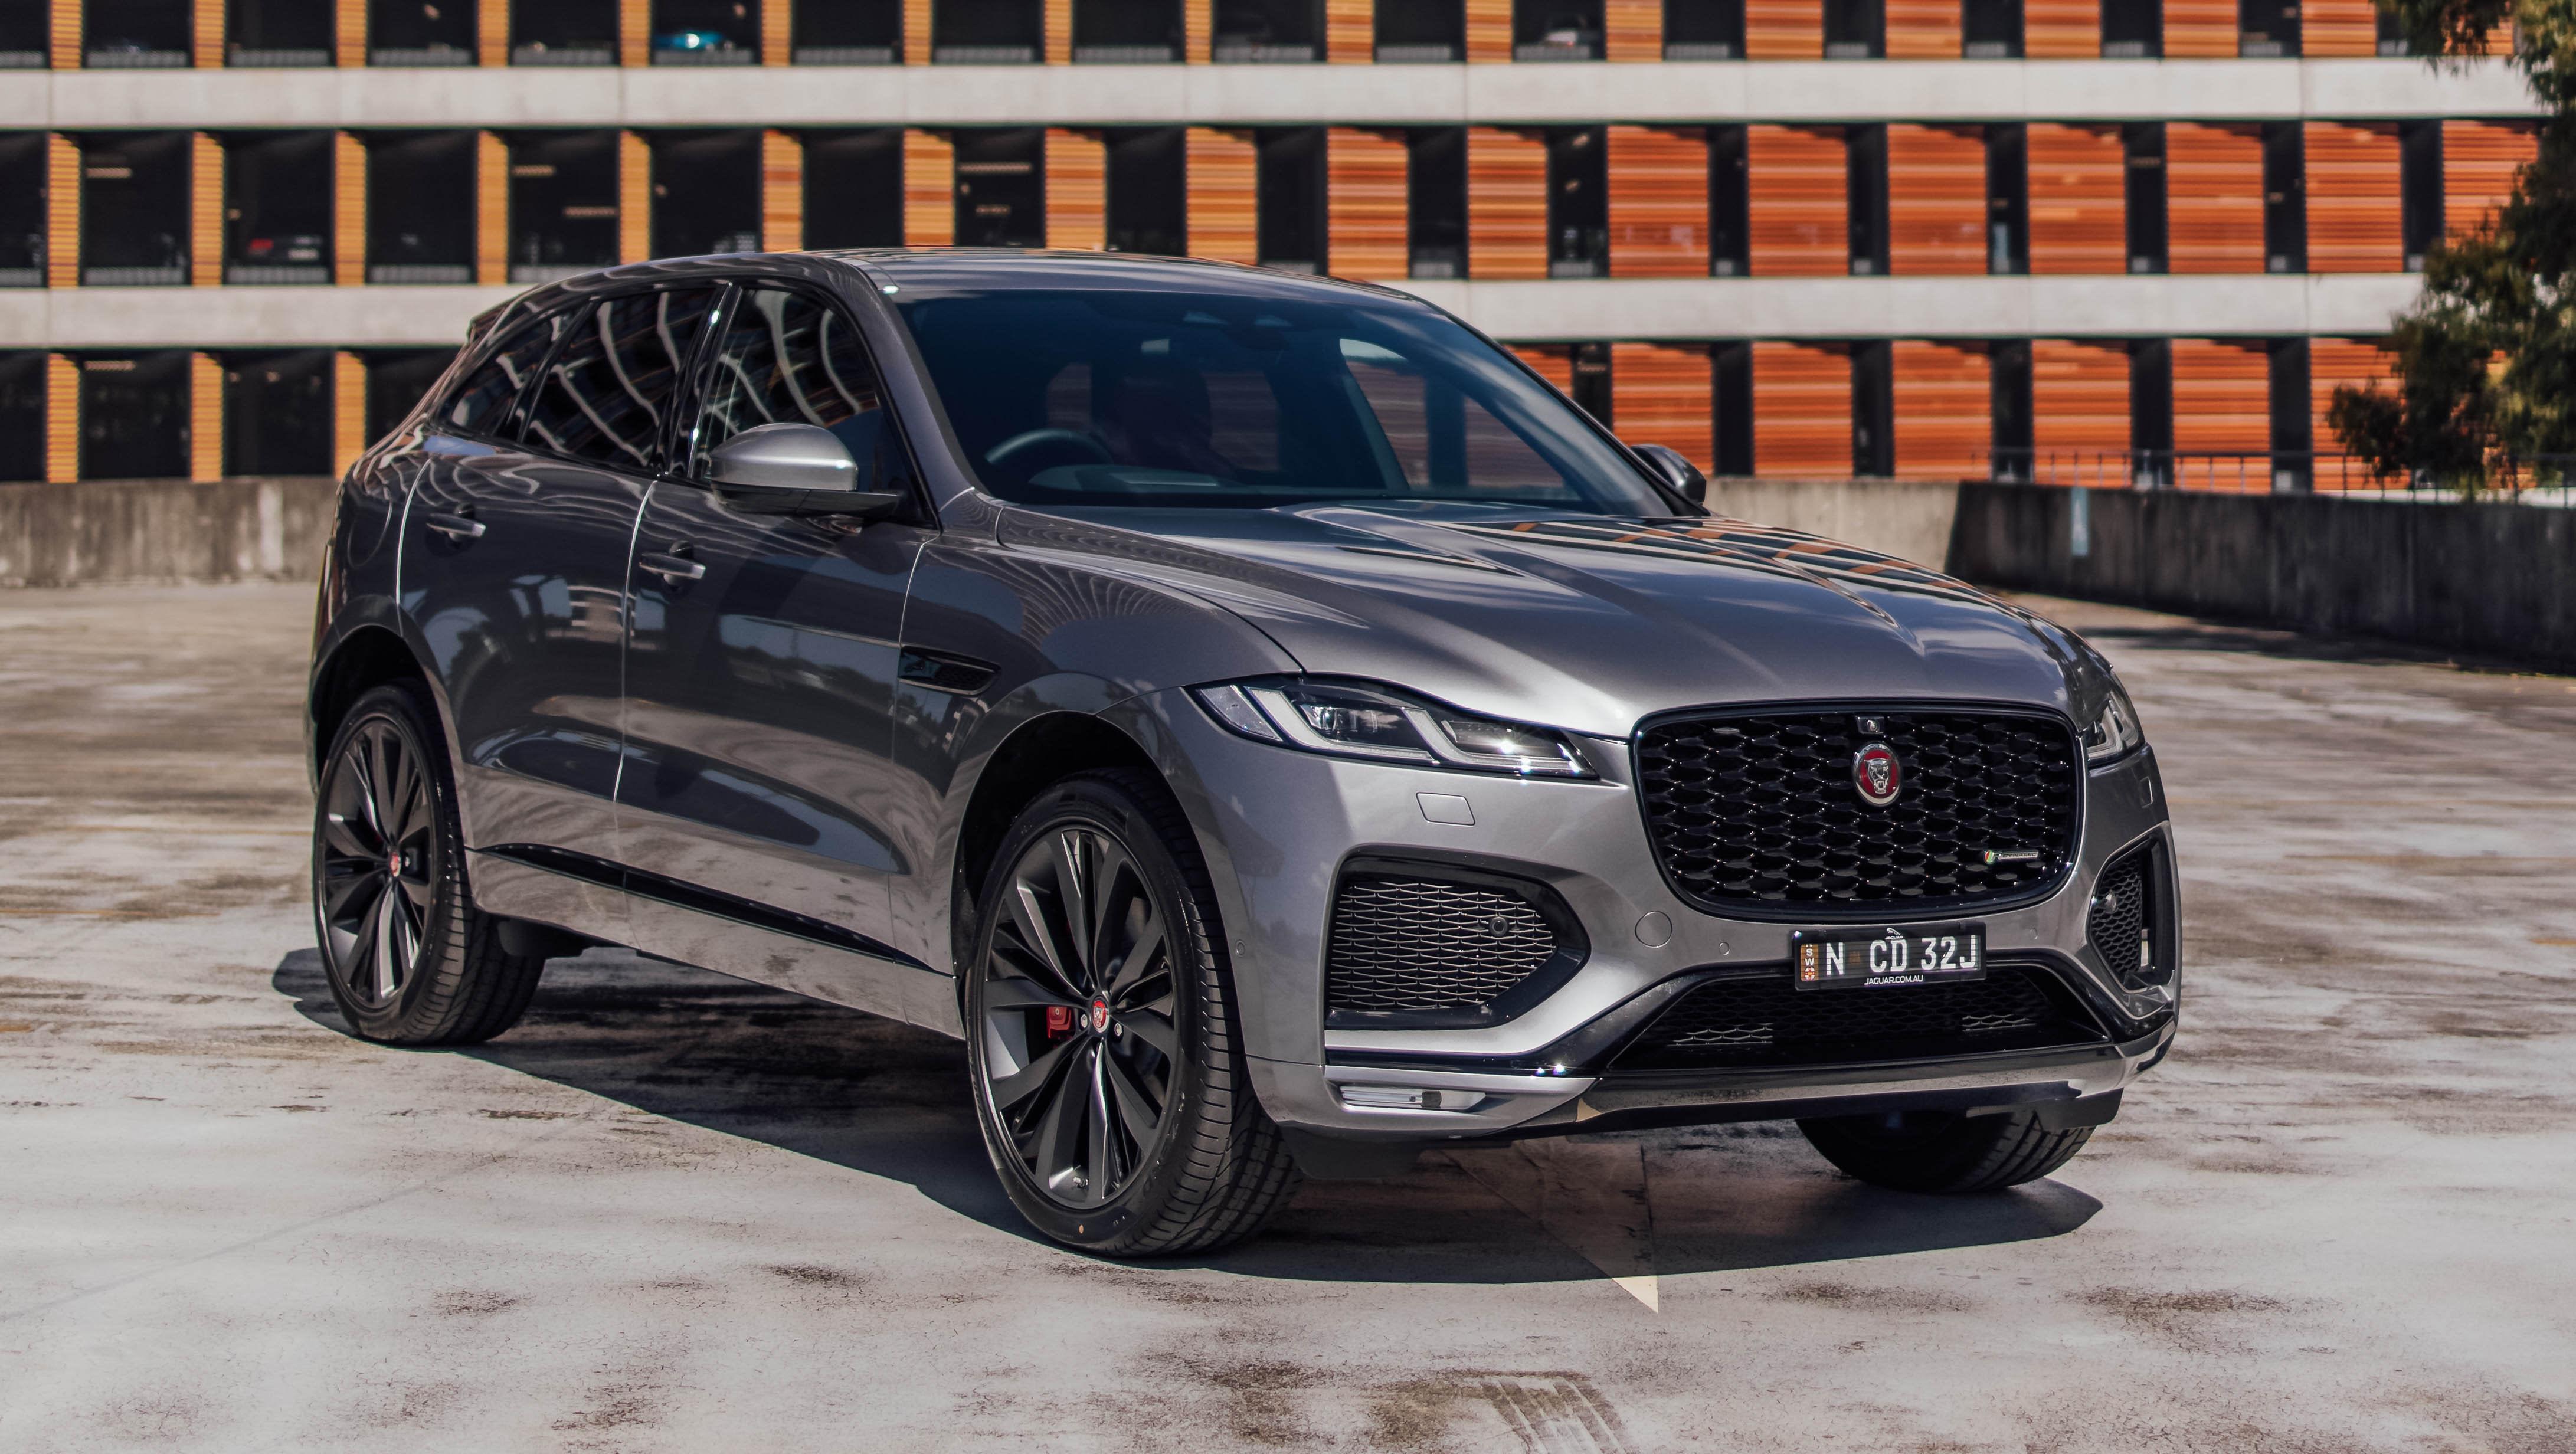 Jaguar F-Pace 2021 review: R-Dynamic SE snapshot - The ...